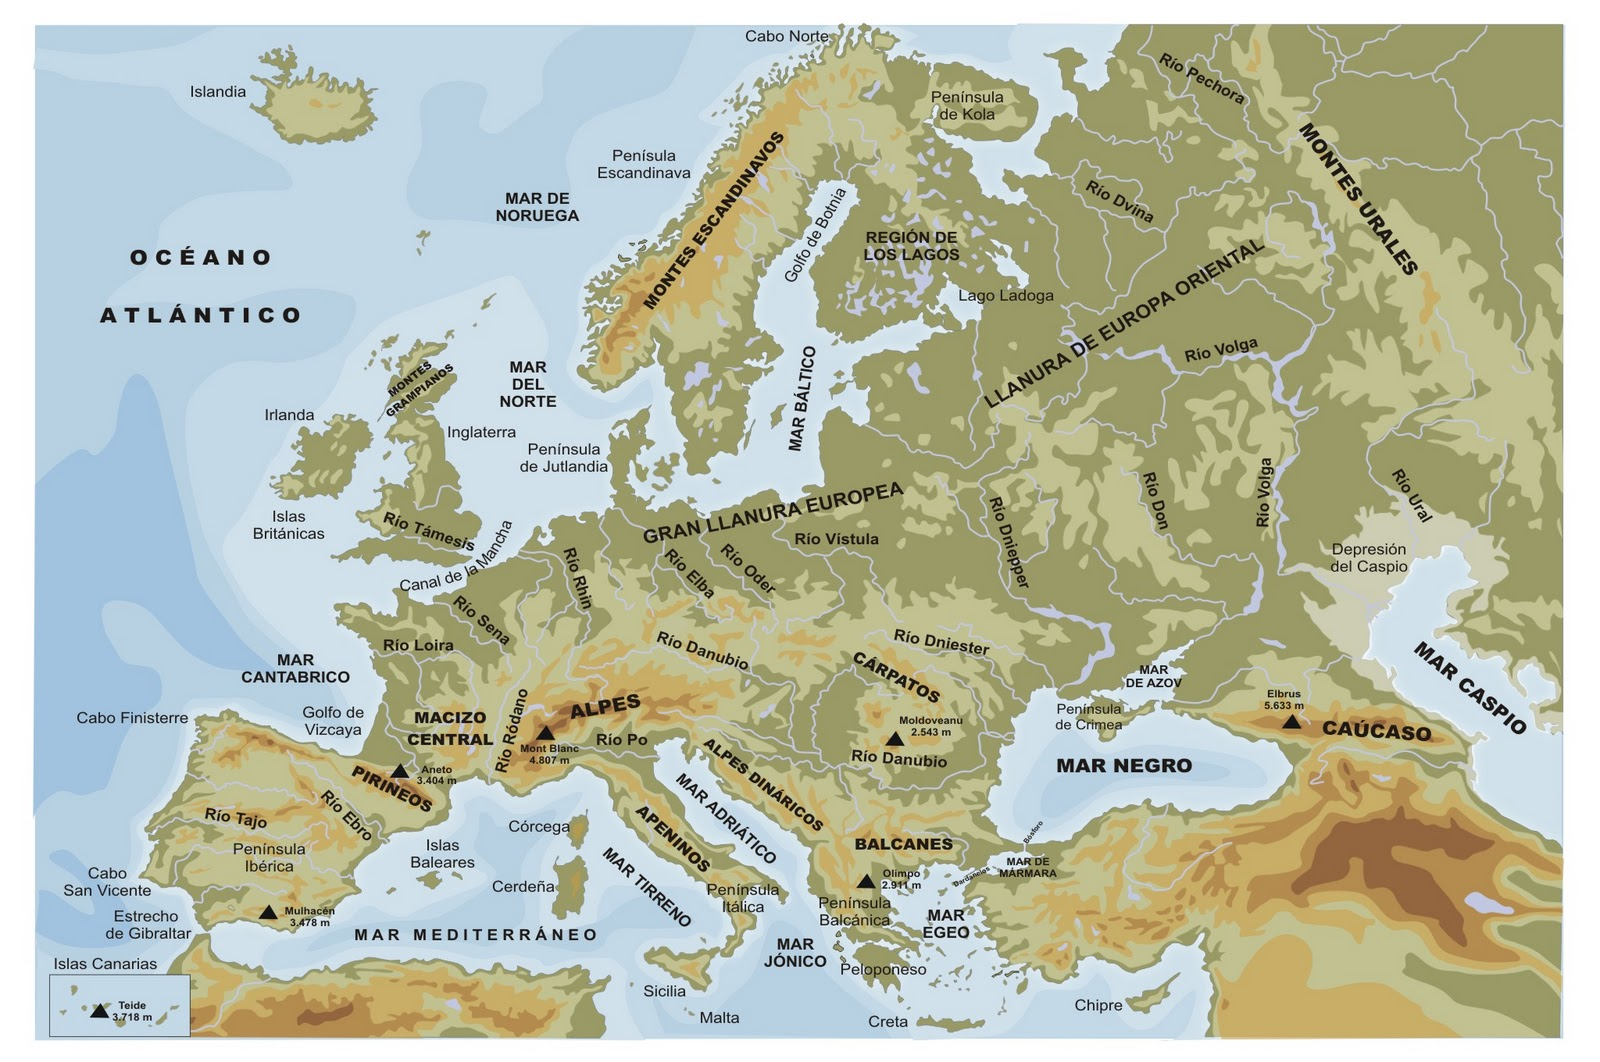 Los Limites Naturales Del Continente Europeo